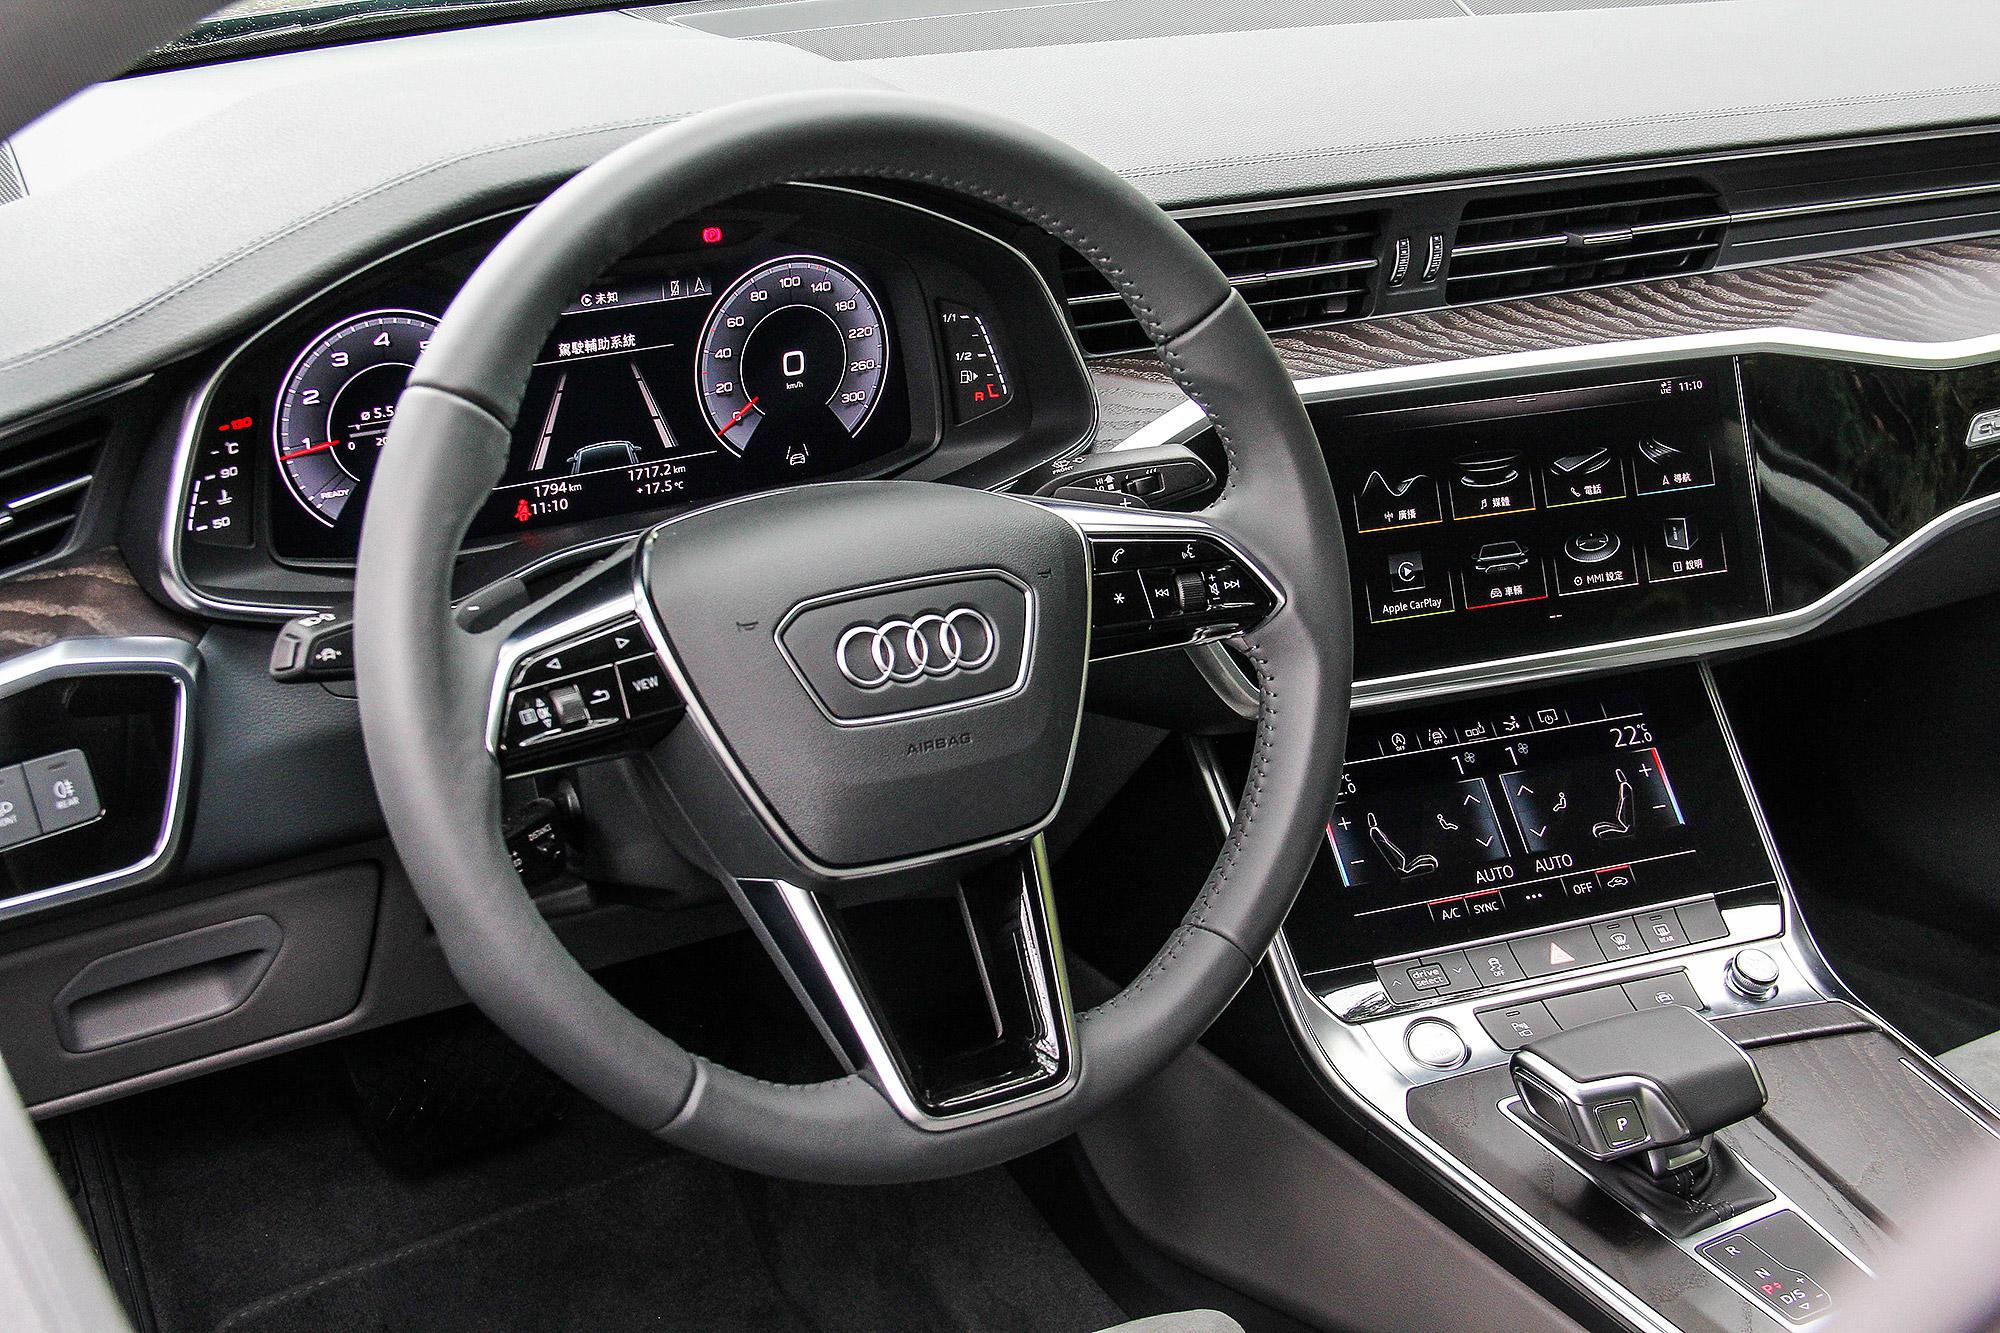 12.3 吋液晶儀表板、 10.1 吋與 8.6 吋兩組中控台螢幕, A7 Sportback 的資訊顯示以及操作介面都全然數位化。